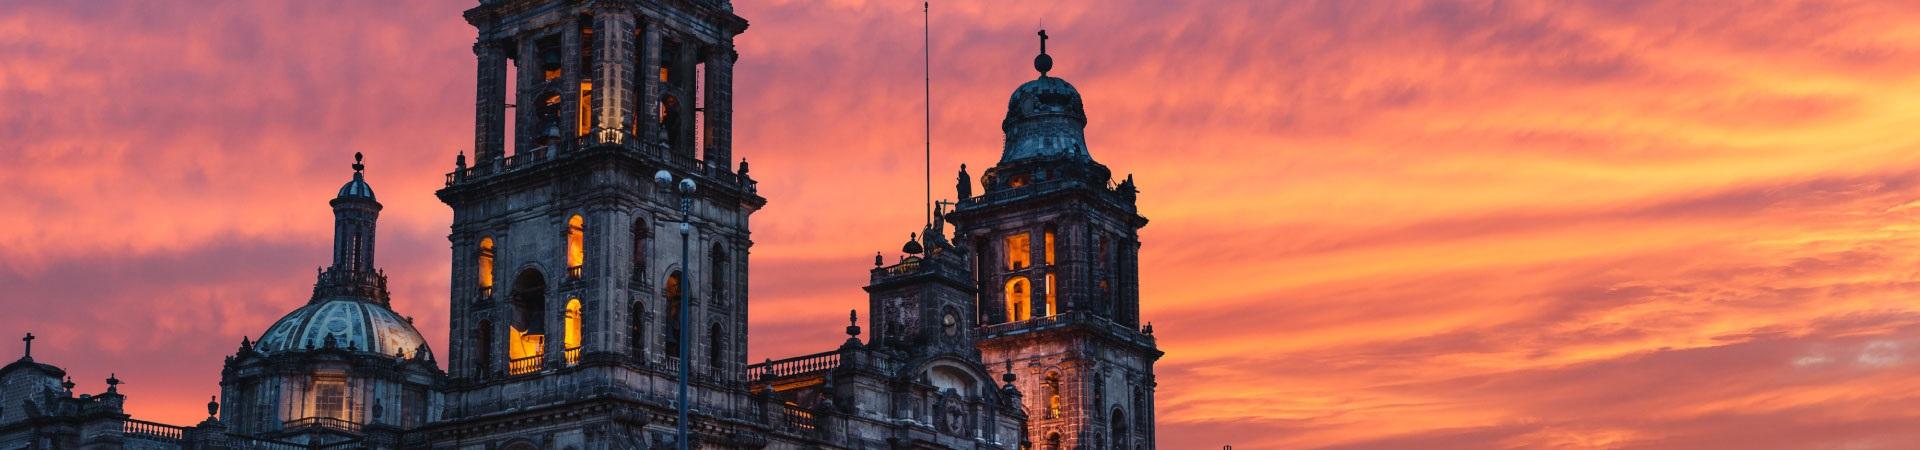 Banner de topo - México